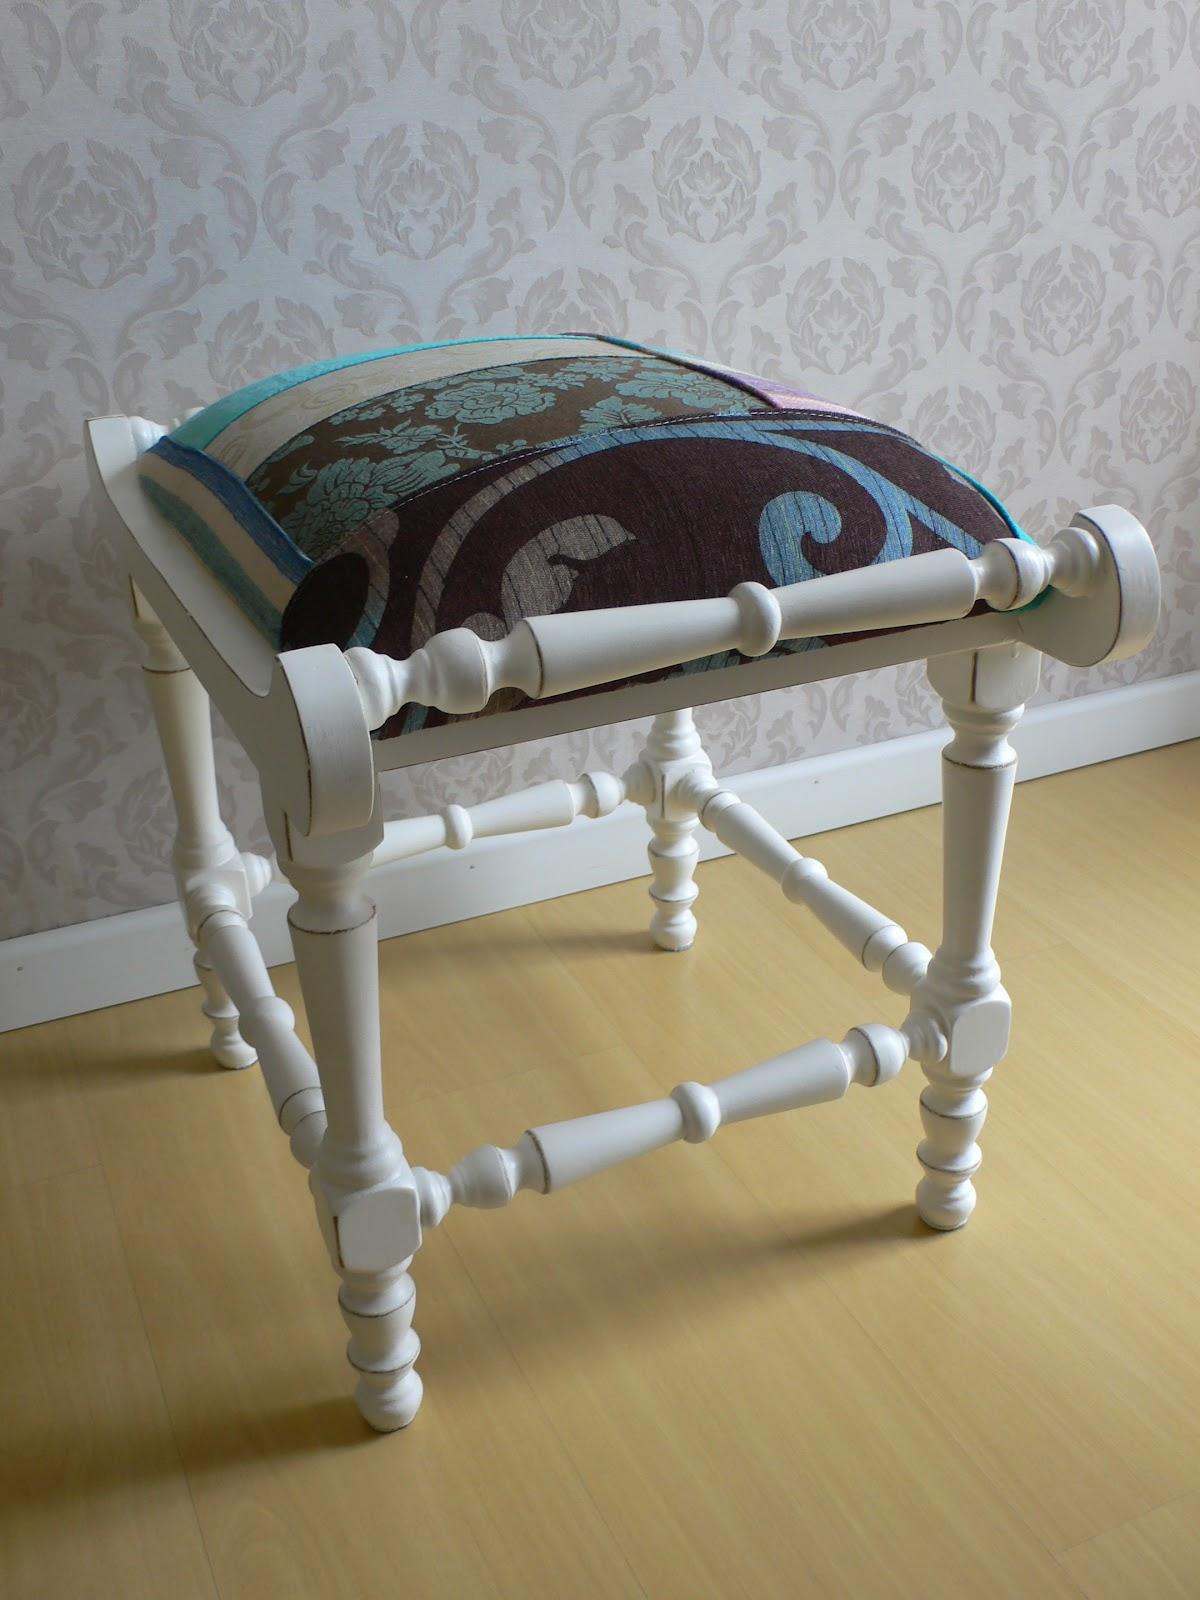 de móveis antigos: Banquinho Banqueta Apoio de pés #897842 1200x1600